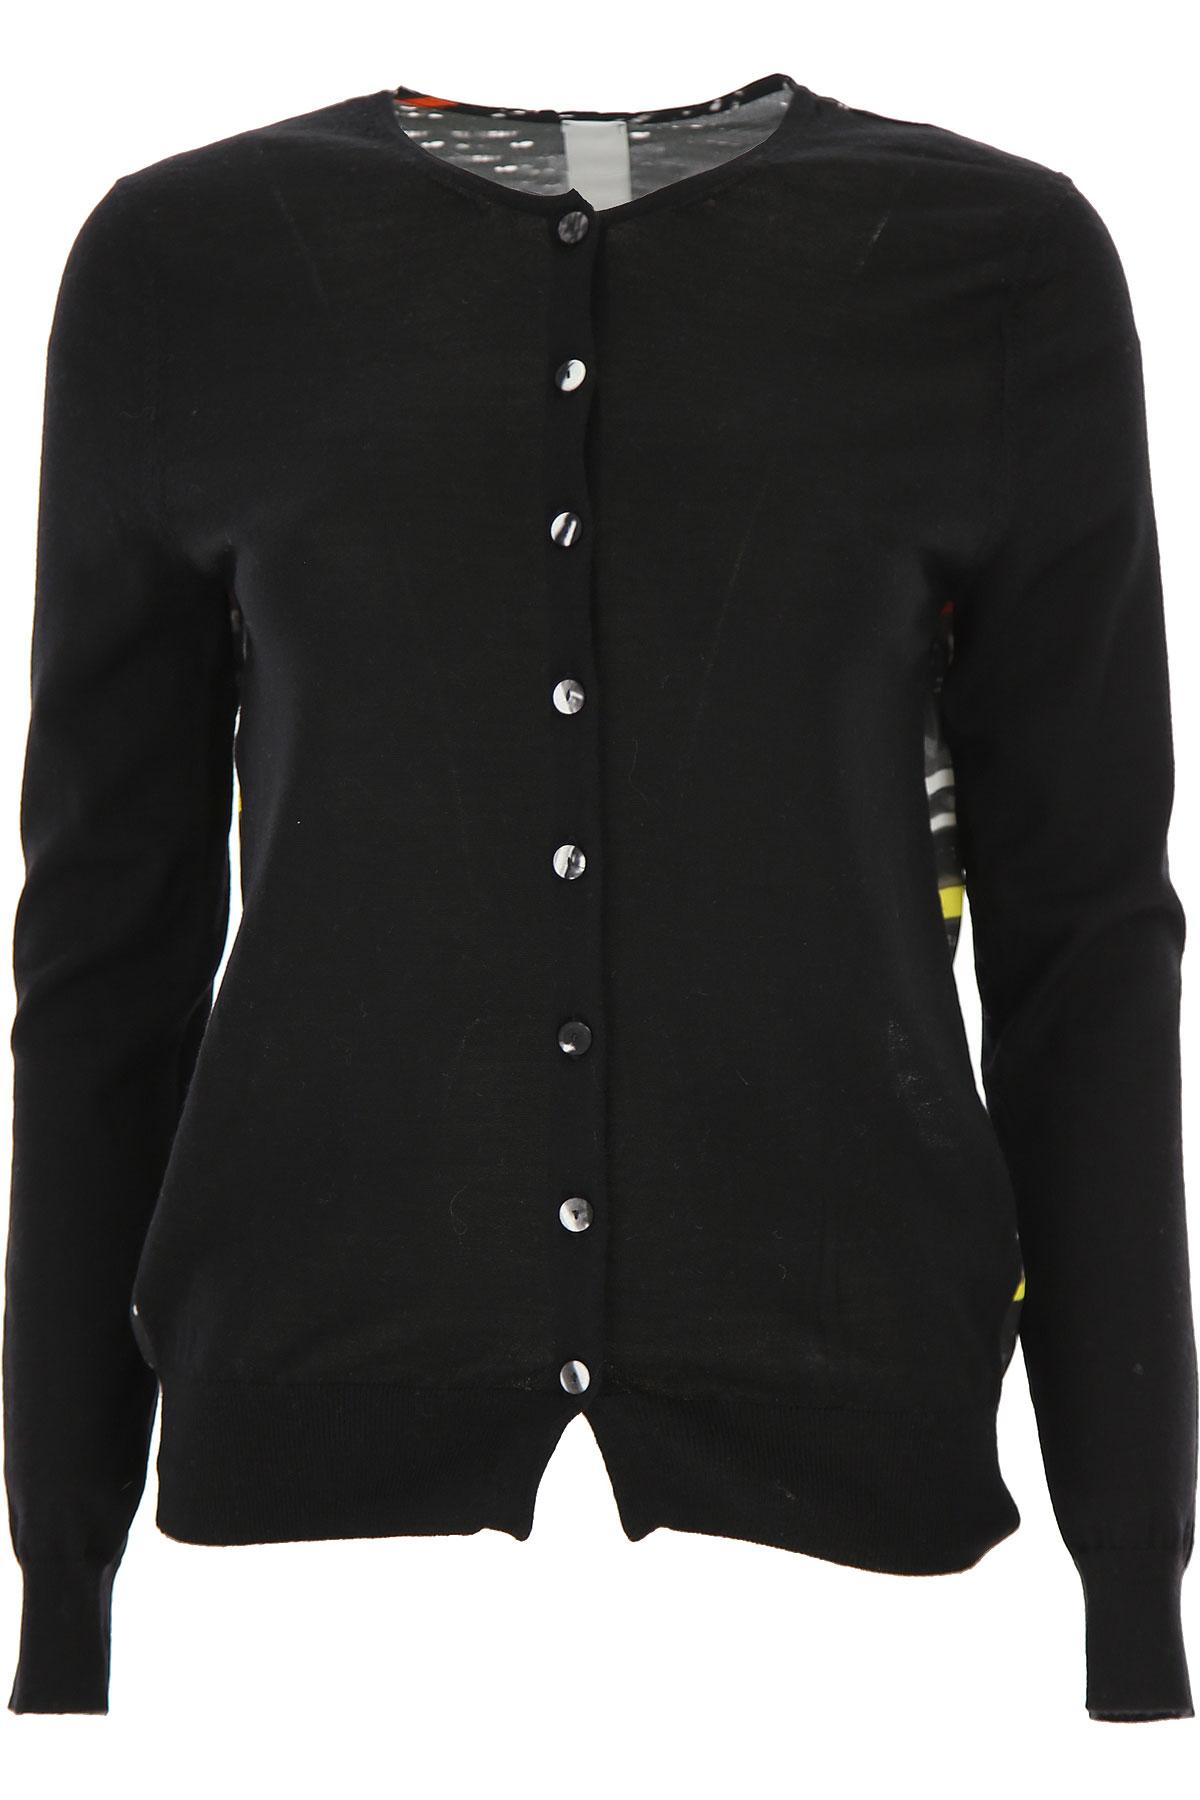 Ultrachic Sweater for Women Jumper On Sale, Black, Virgin wool, 2019, 6 8